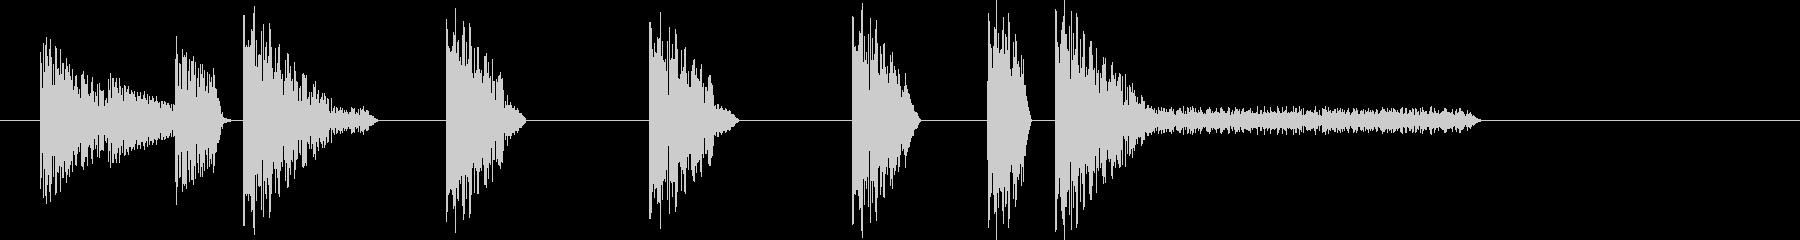 レトロゲーム風・スタート#5の未再生の波形